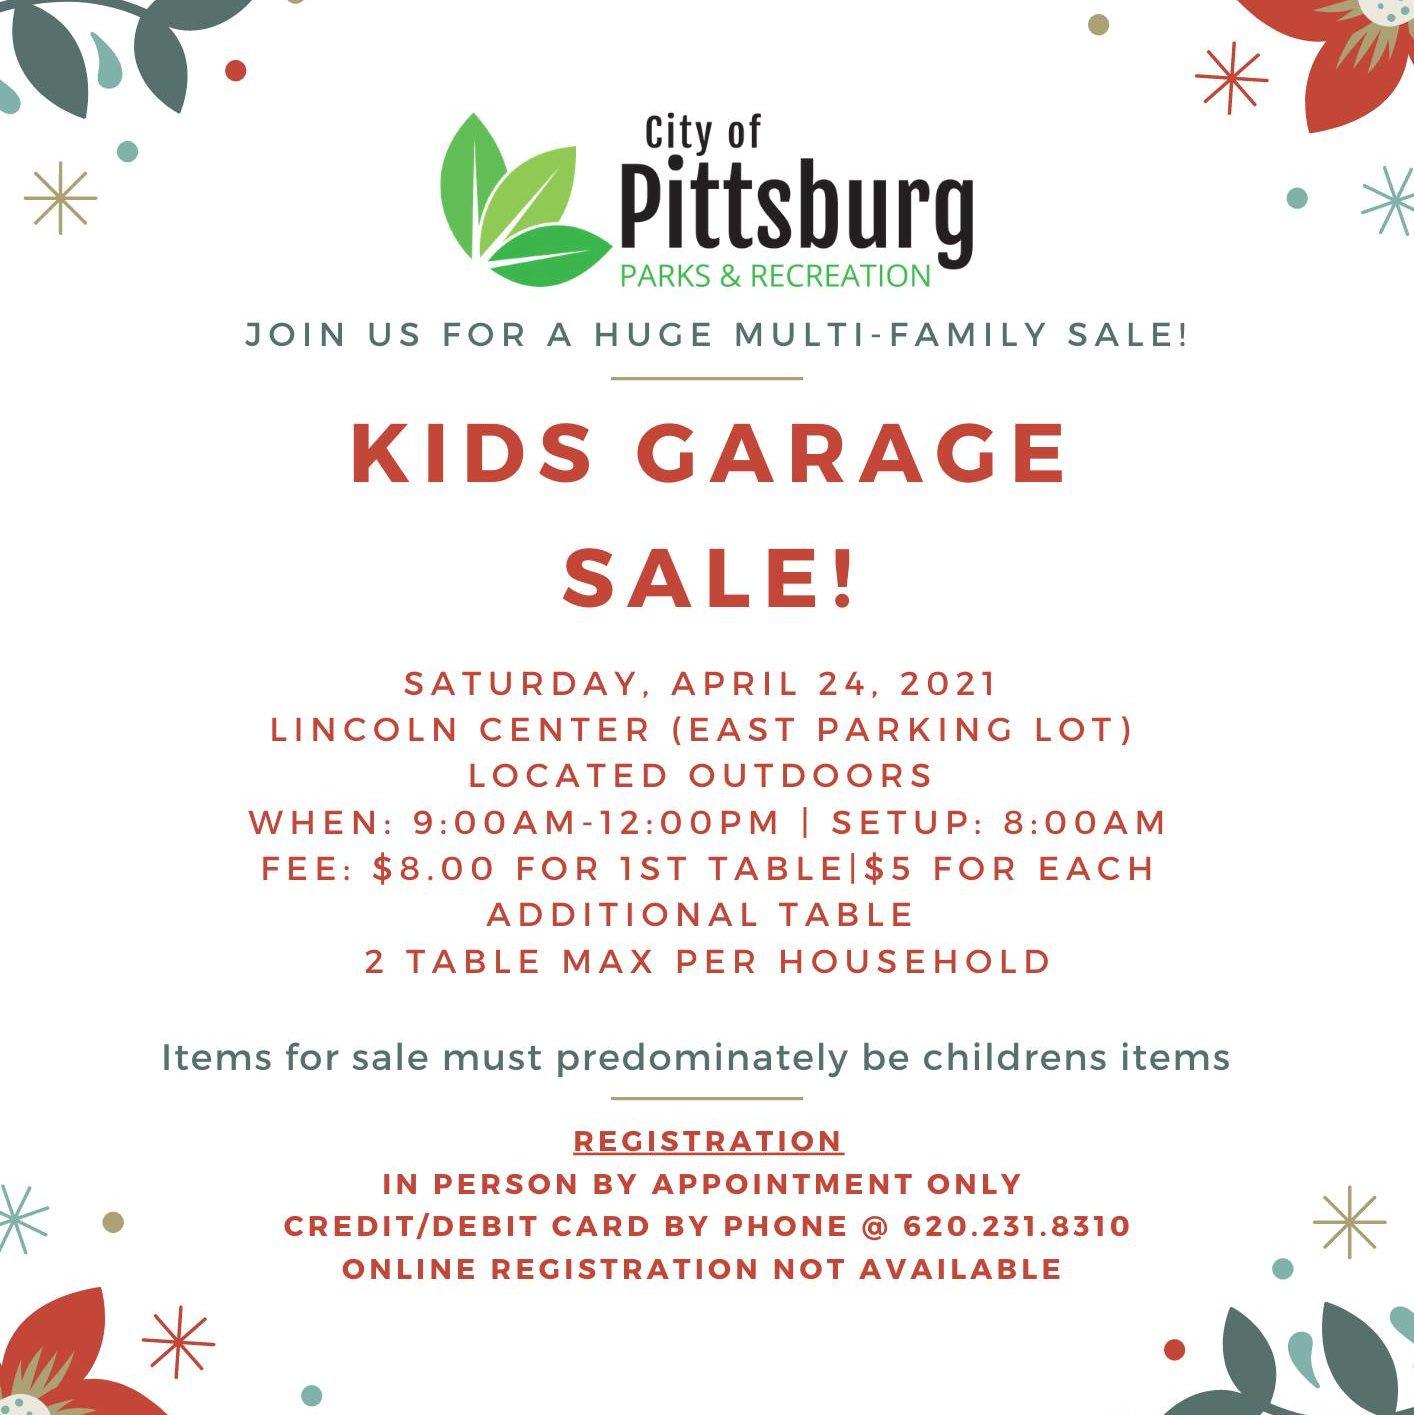 Kids Garage Sale Flyer